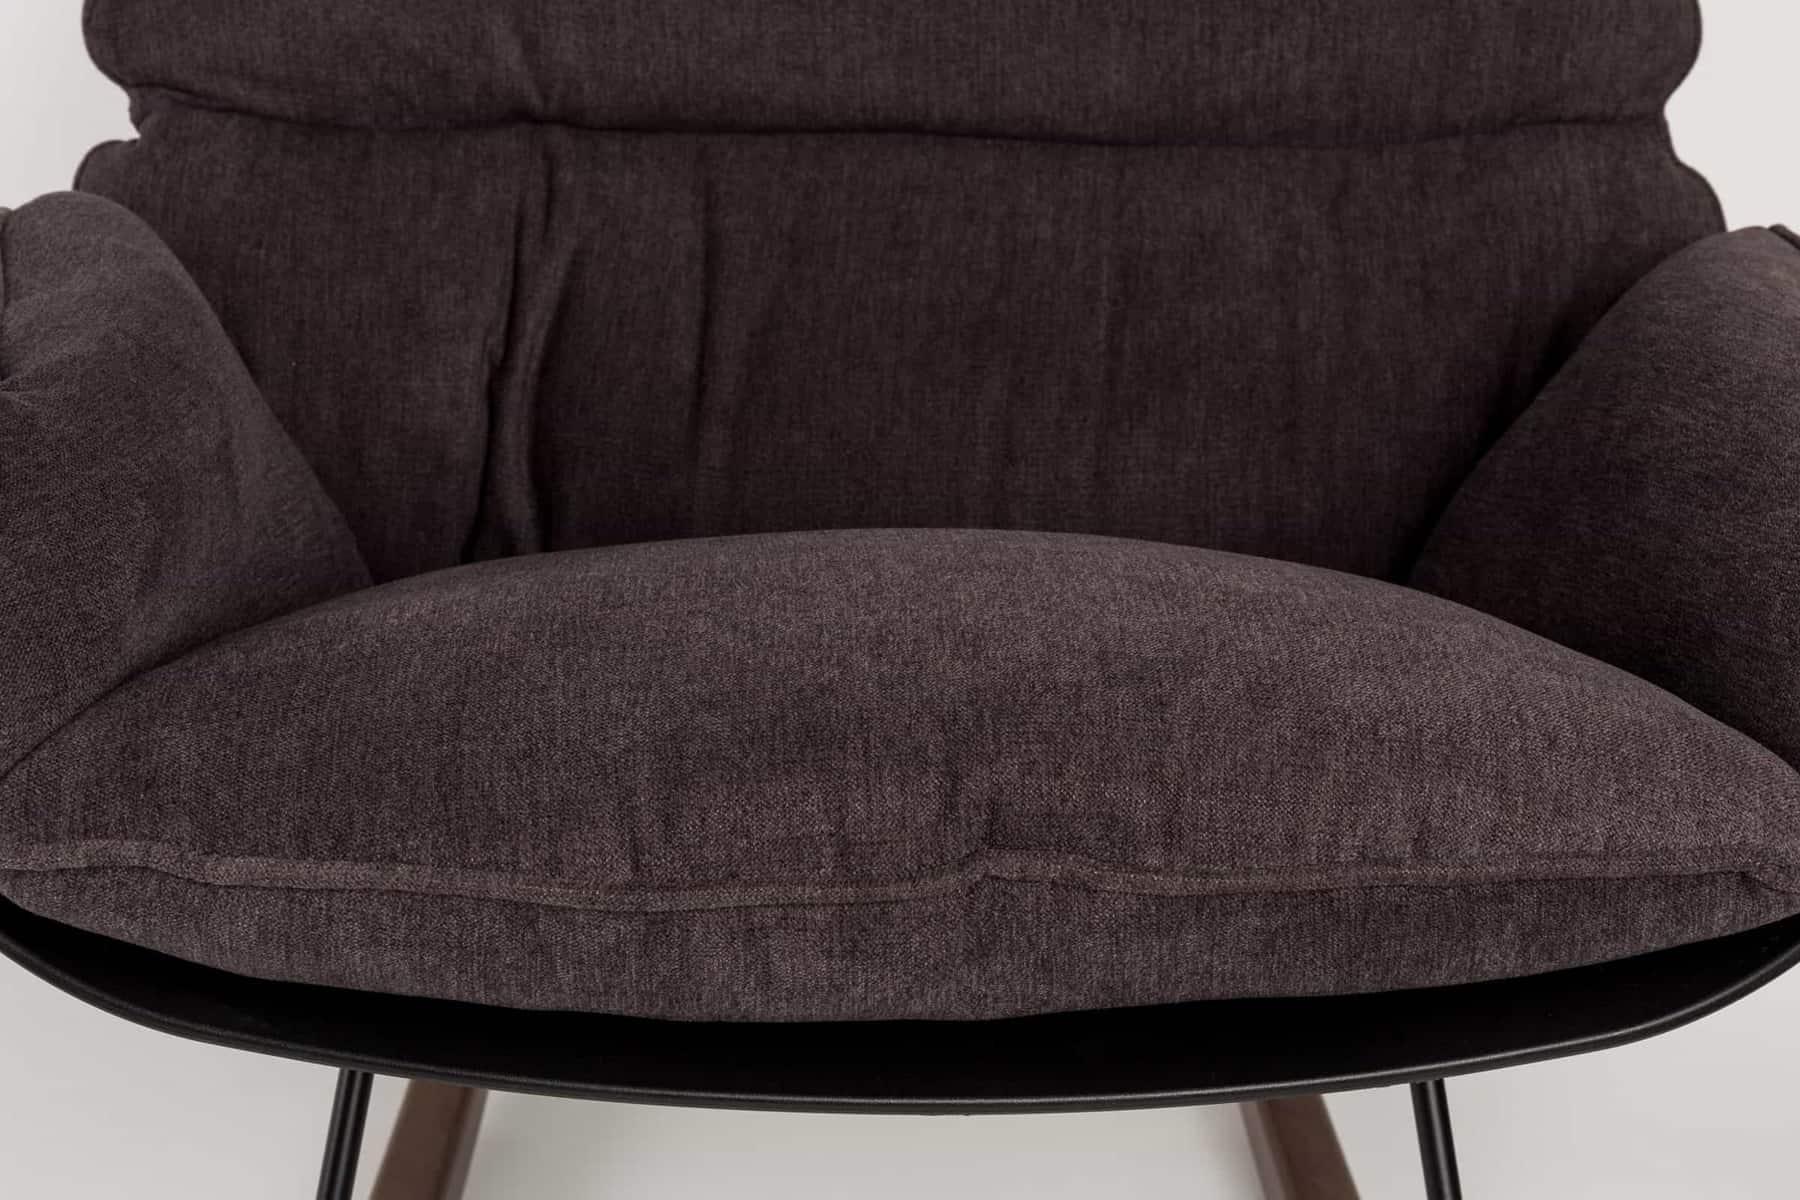 dark puffy rocking chair design front view